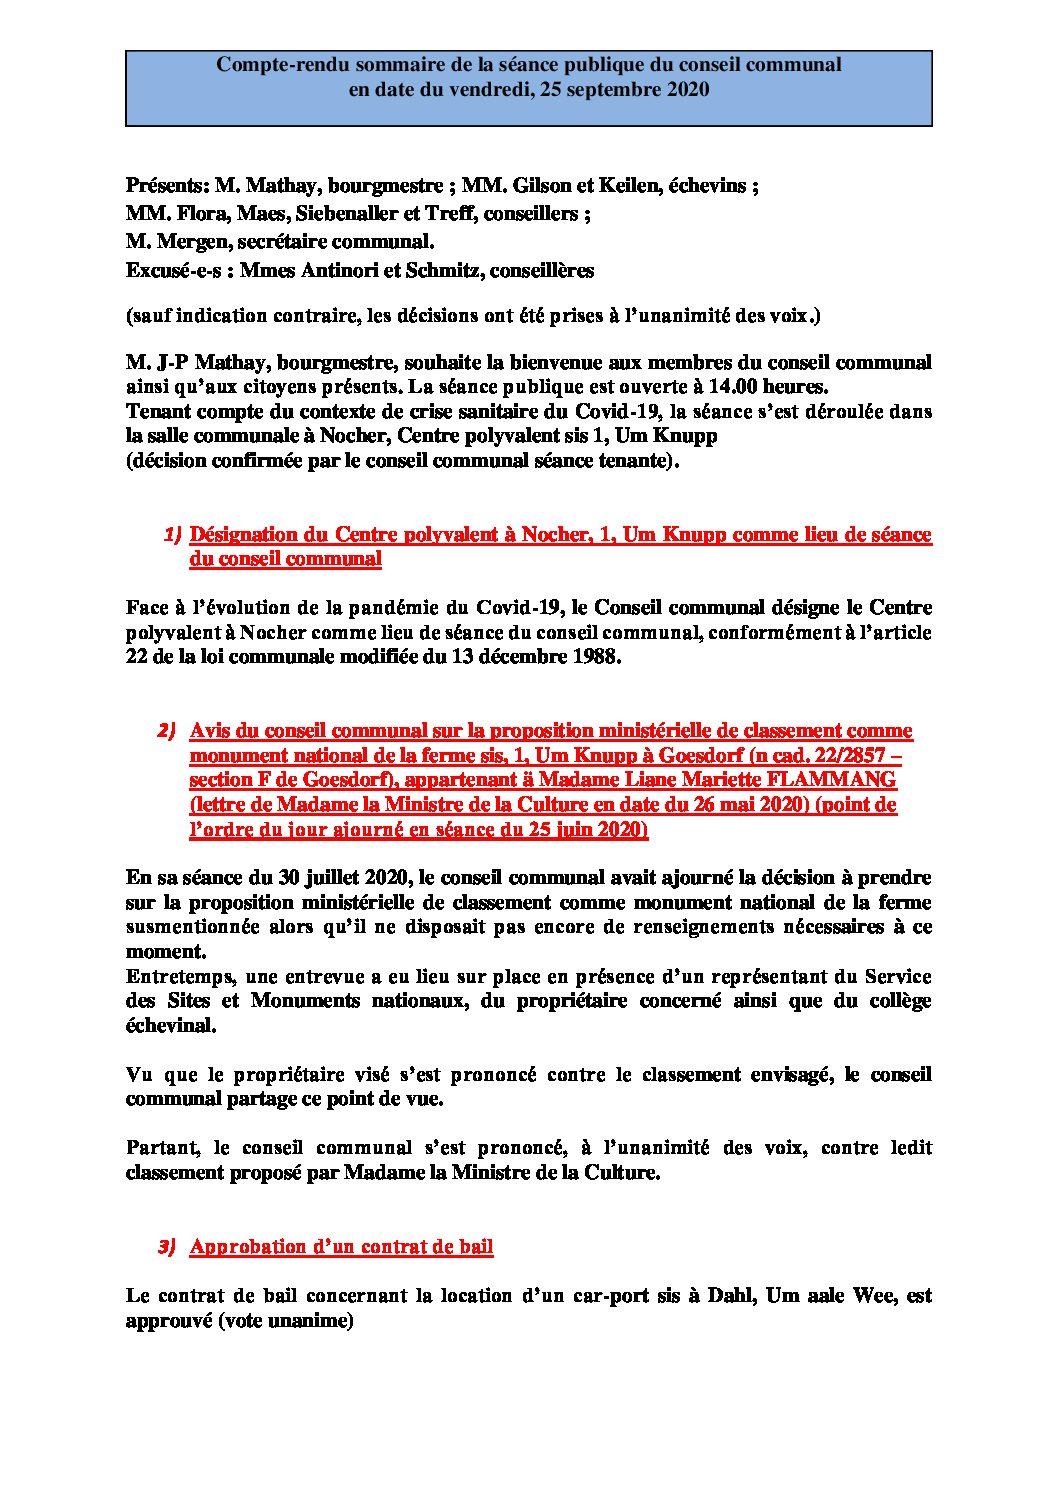 Rapport séance publique conseil communal vendredi 25 09 2020